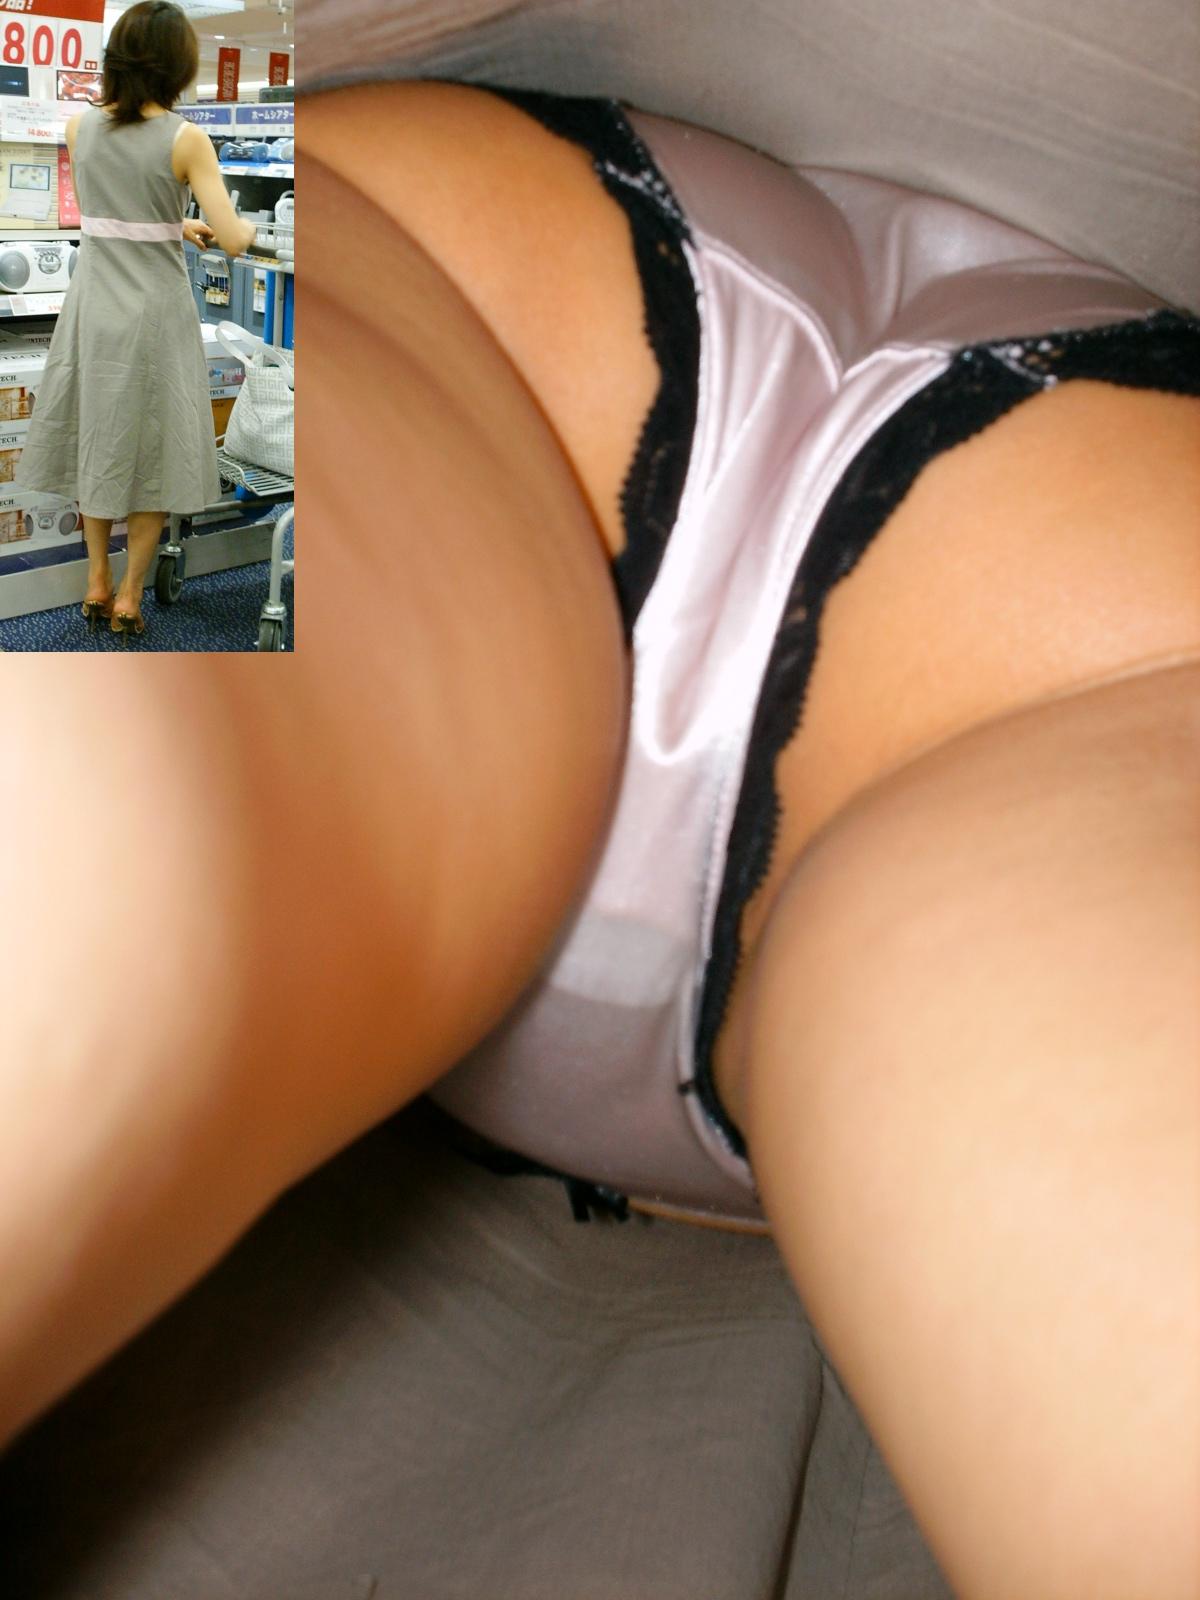 巨乳女子大生のミニスカ逆さパンチラ盗撮エロ画像8枚目